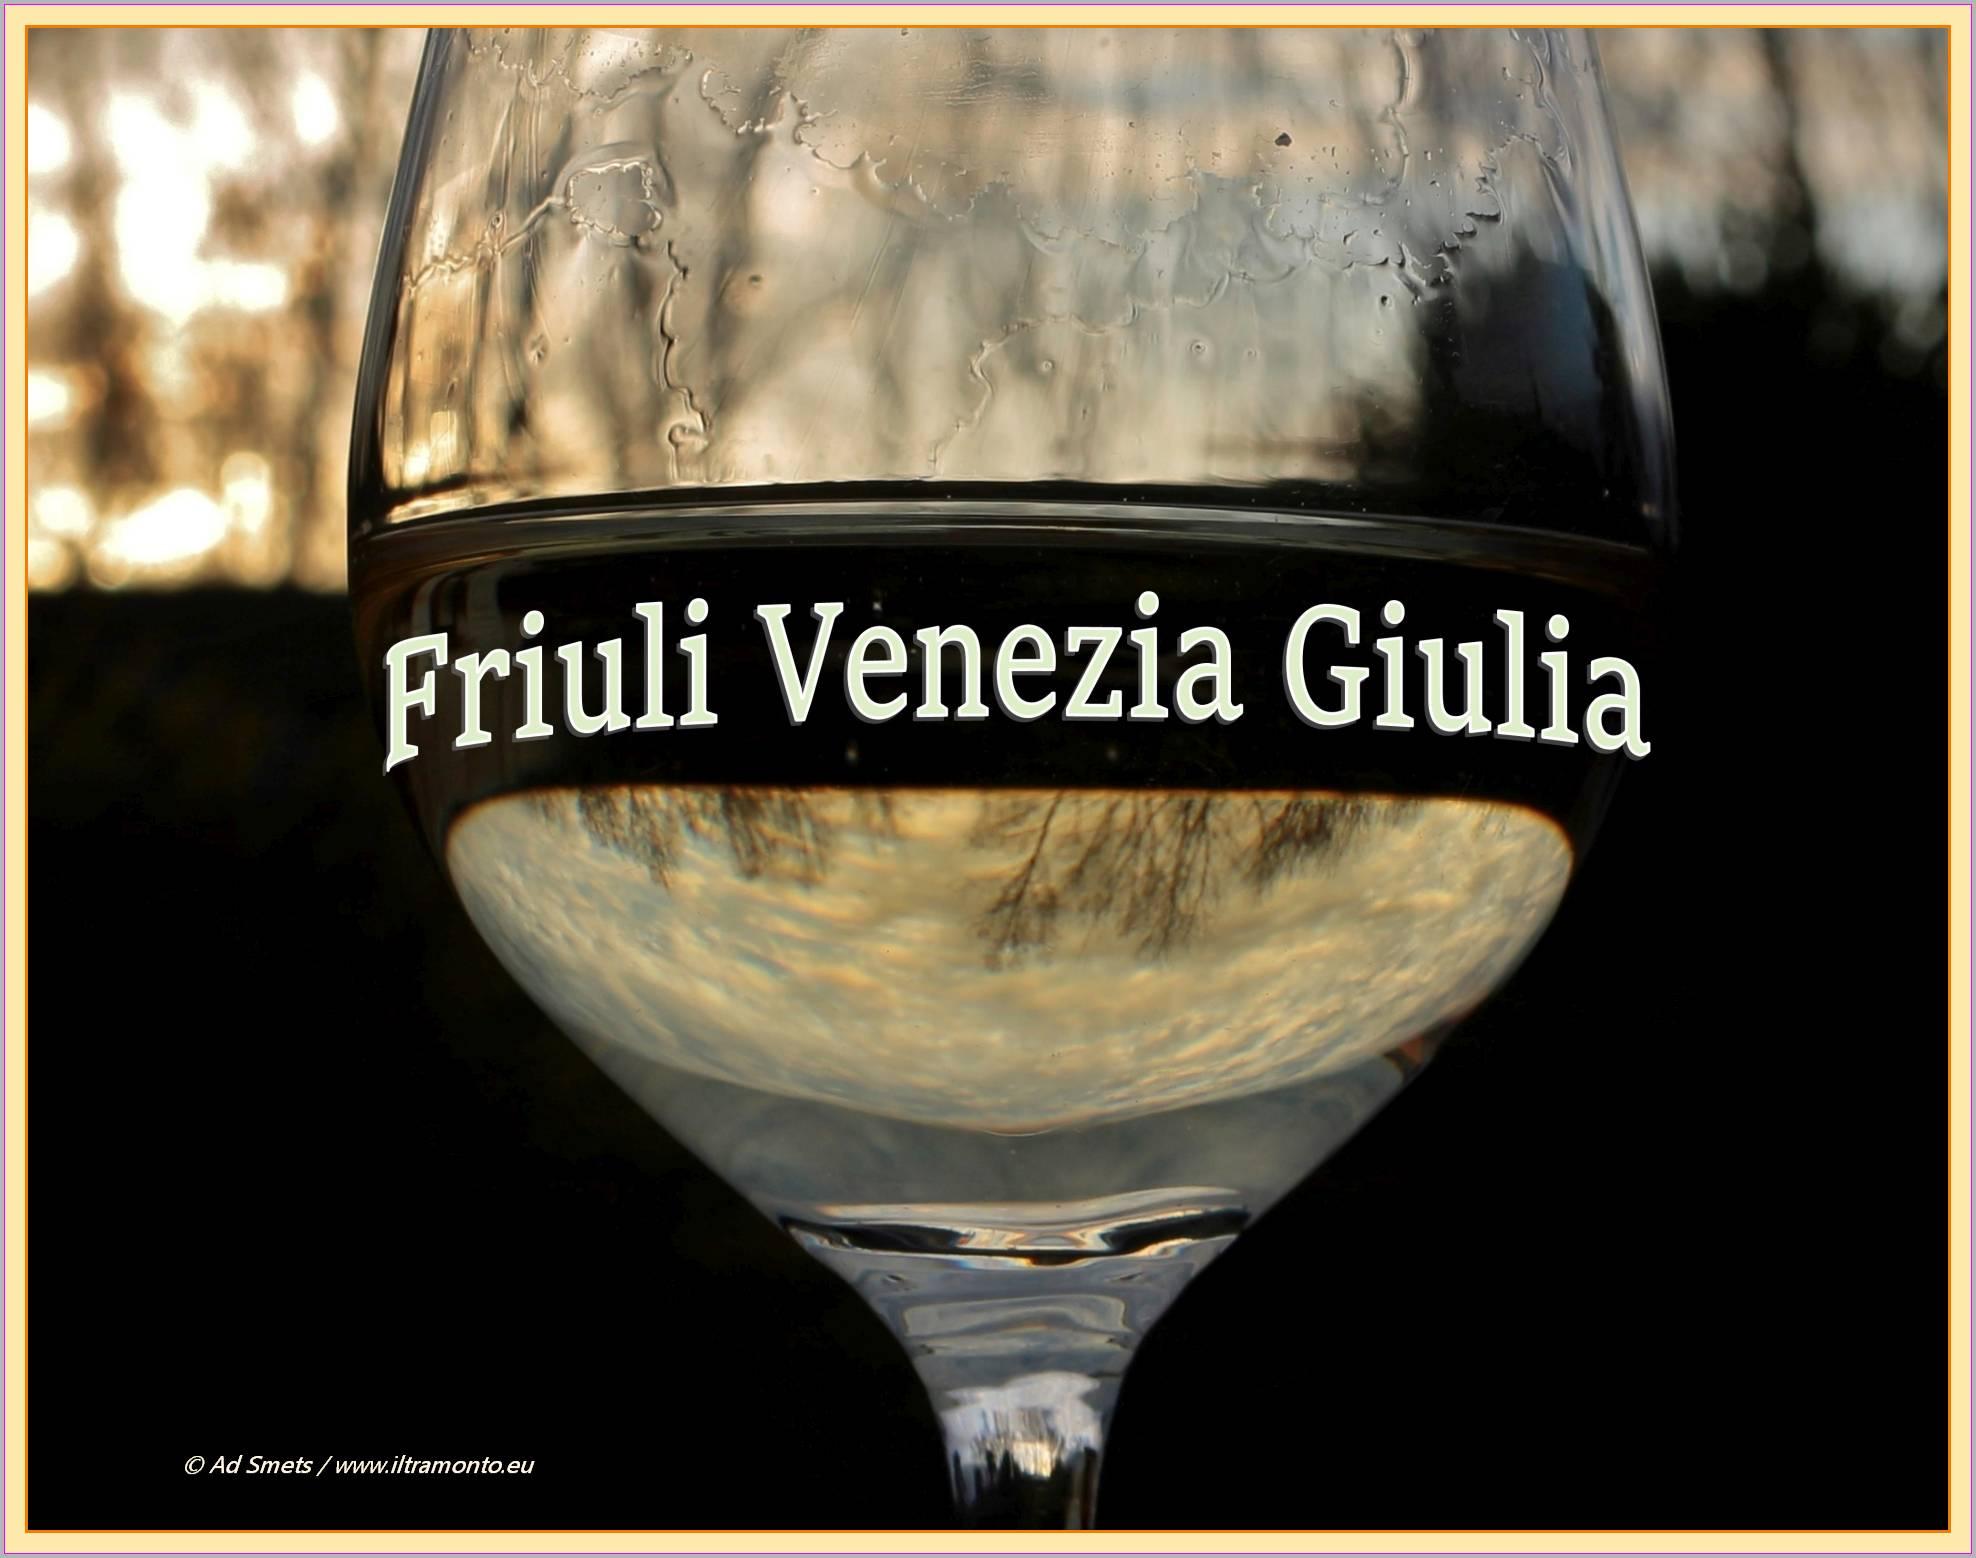 fvg-vini_8632_il-tramonto-wines-2